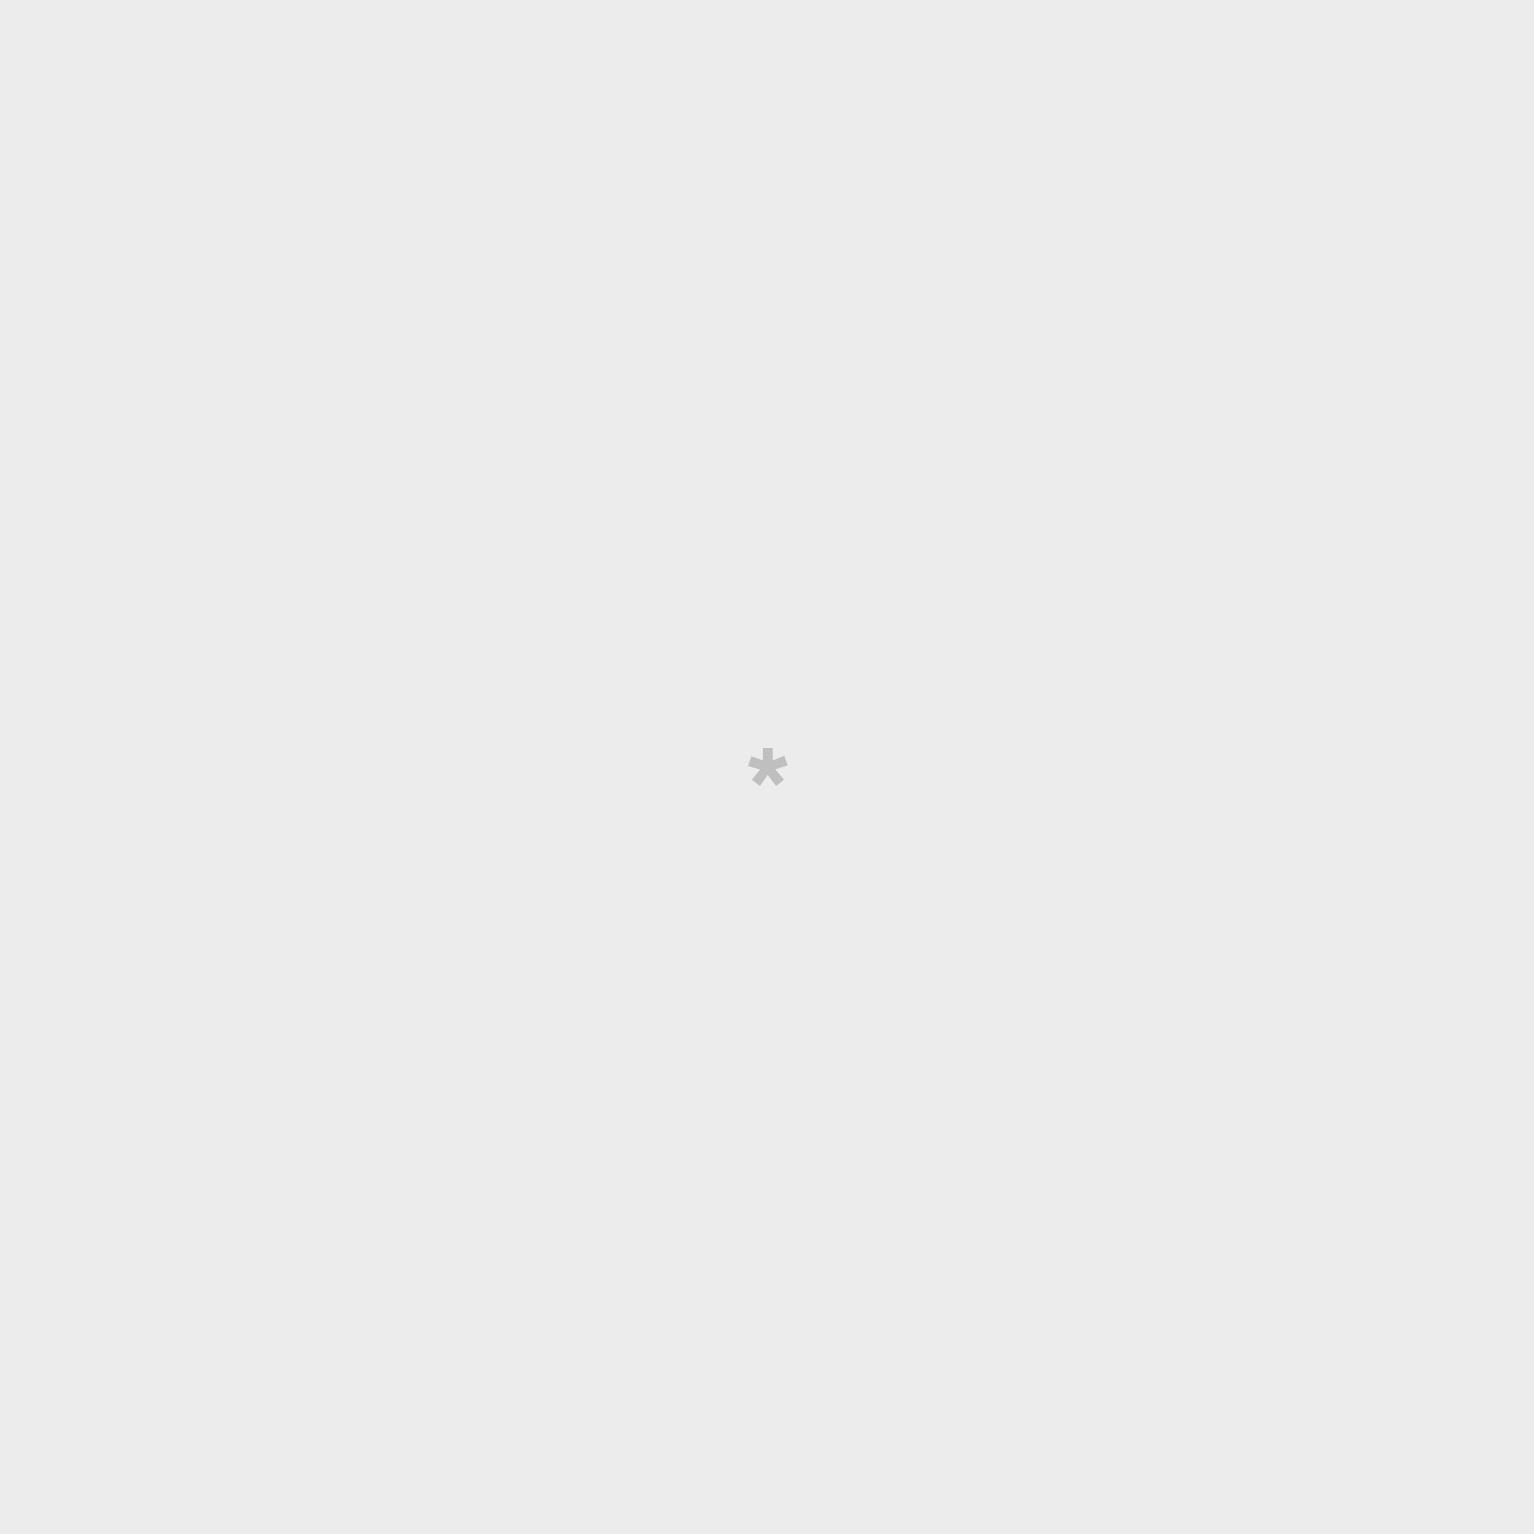 Cahier petit format - La réussite part d'une page blanche